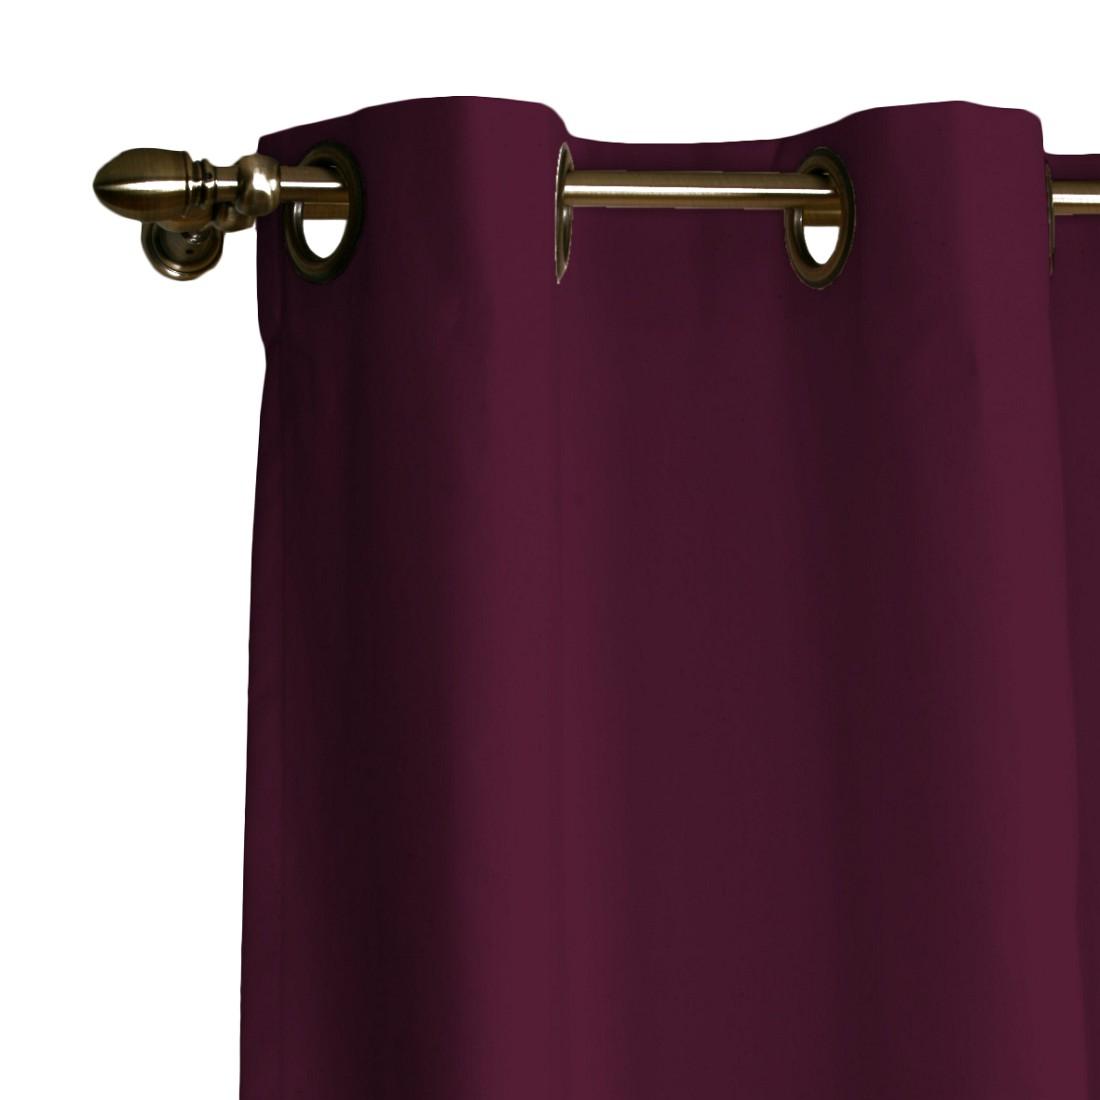 Image of Tenda a rivetti - Viola Tenda oscurante con occhielli - viola - 130 x 310 cm, Dekoria